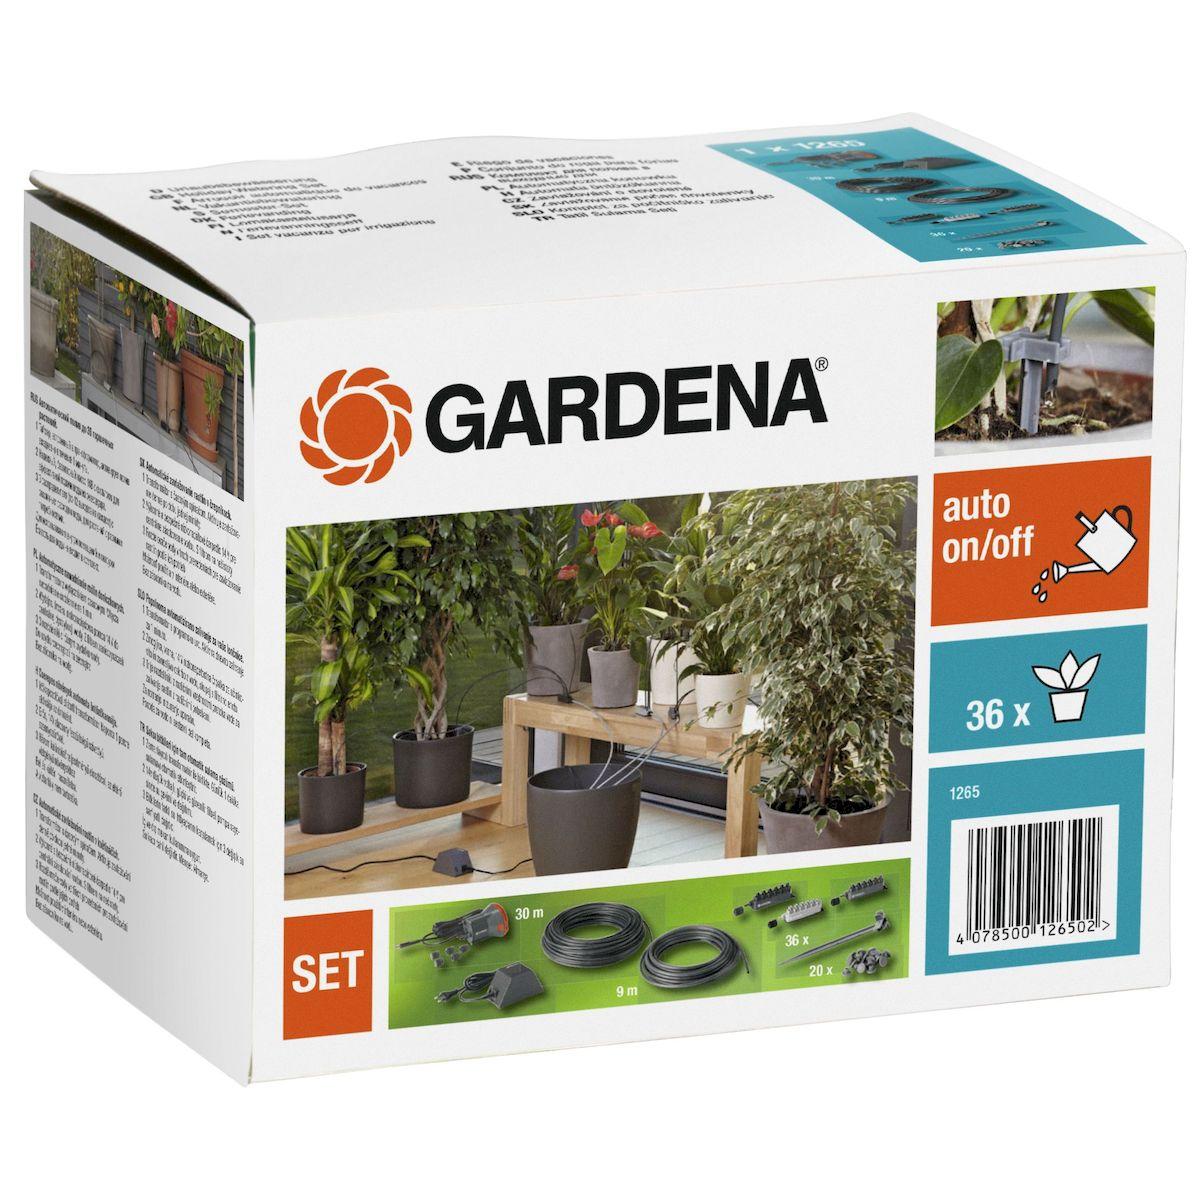 Gardena Комплект для полива в выходные дни01265-20.000.00Комплект для автоматического капельного полива до 36-ти горшечных растений. Идеально заменит Вас во время отпуска. 3 распределителя с различной подачей воды, по 12 выходов на каждом для точной дозировки полива растений.